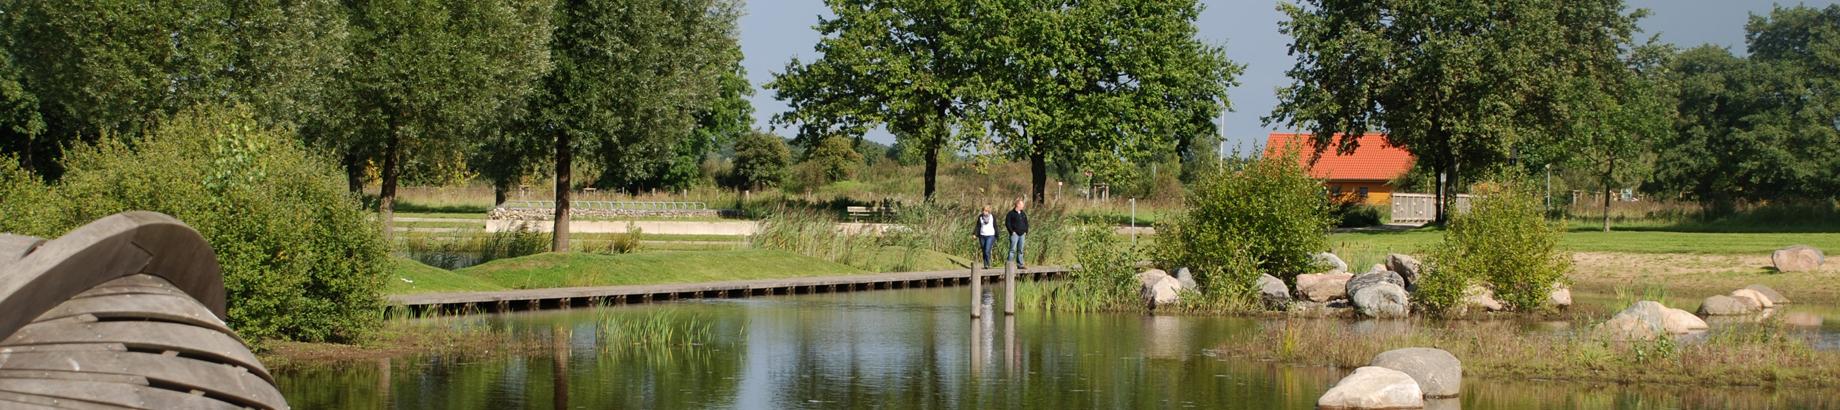 Blick über den kleinen Teich im Wietzepark in Richtung Steg. Auf dem Steg laufen zwei Personen.